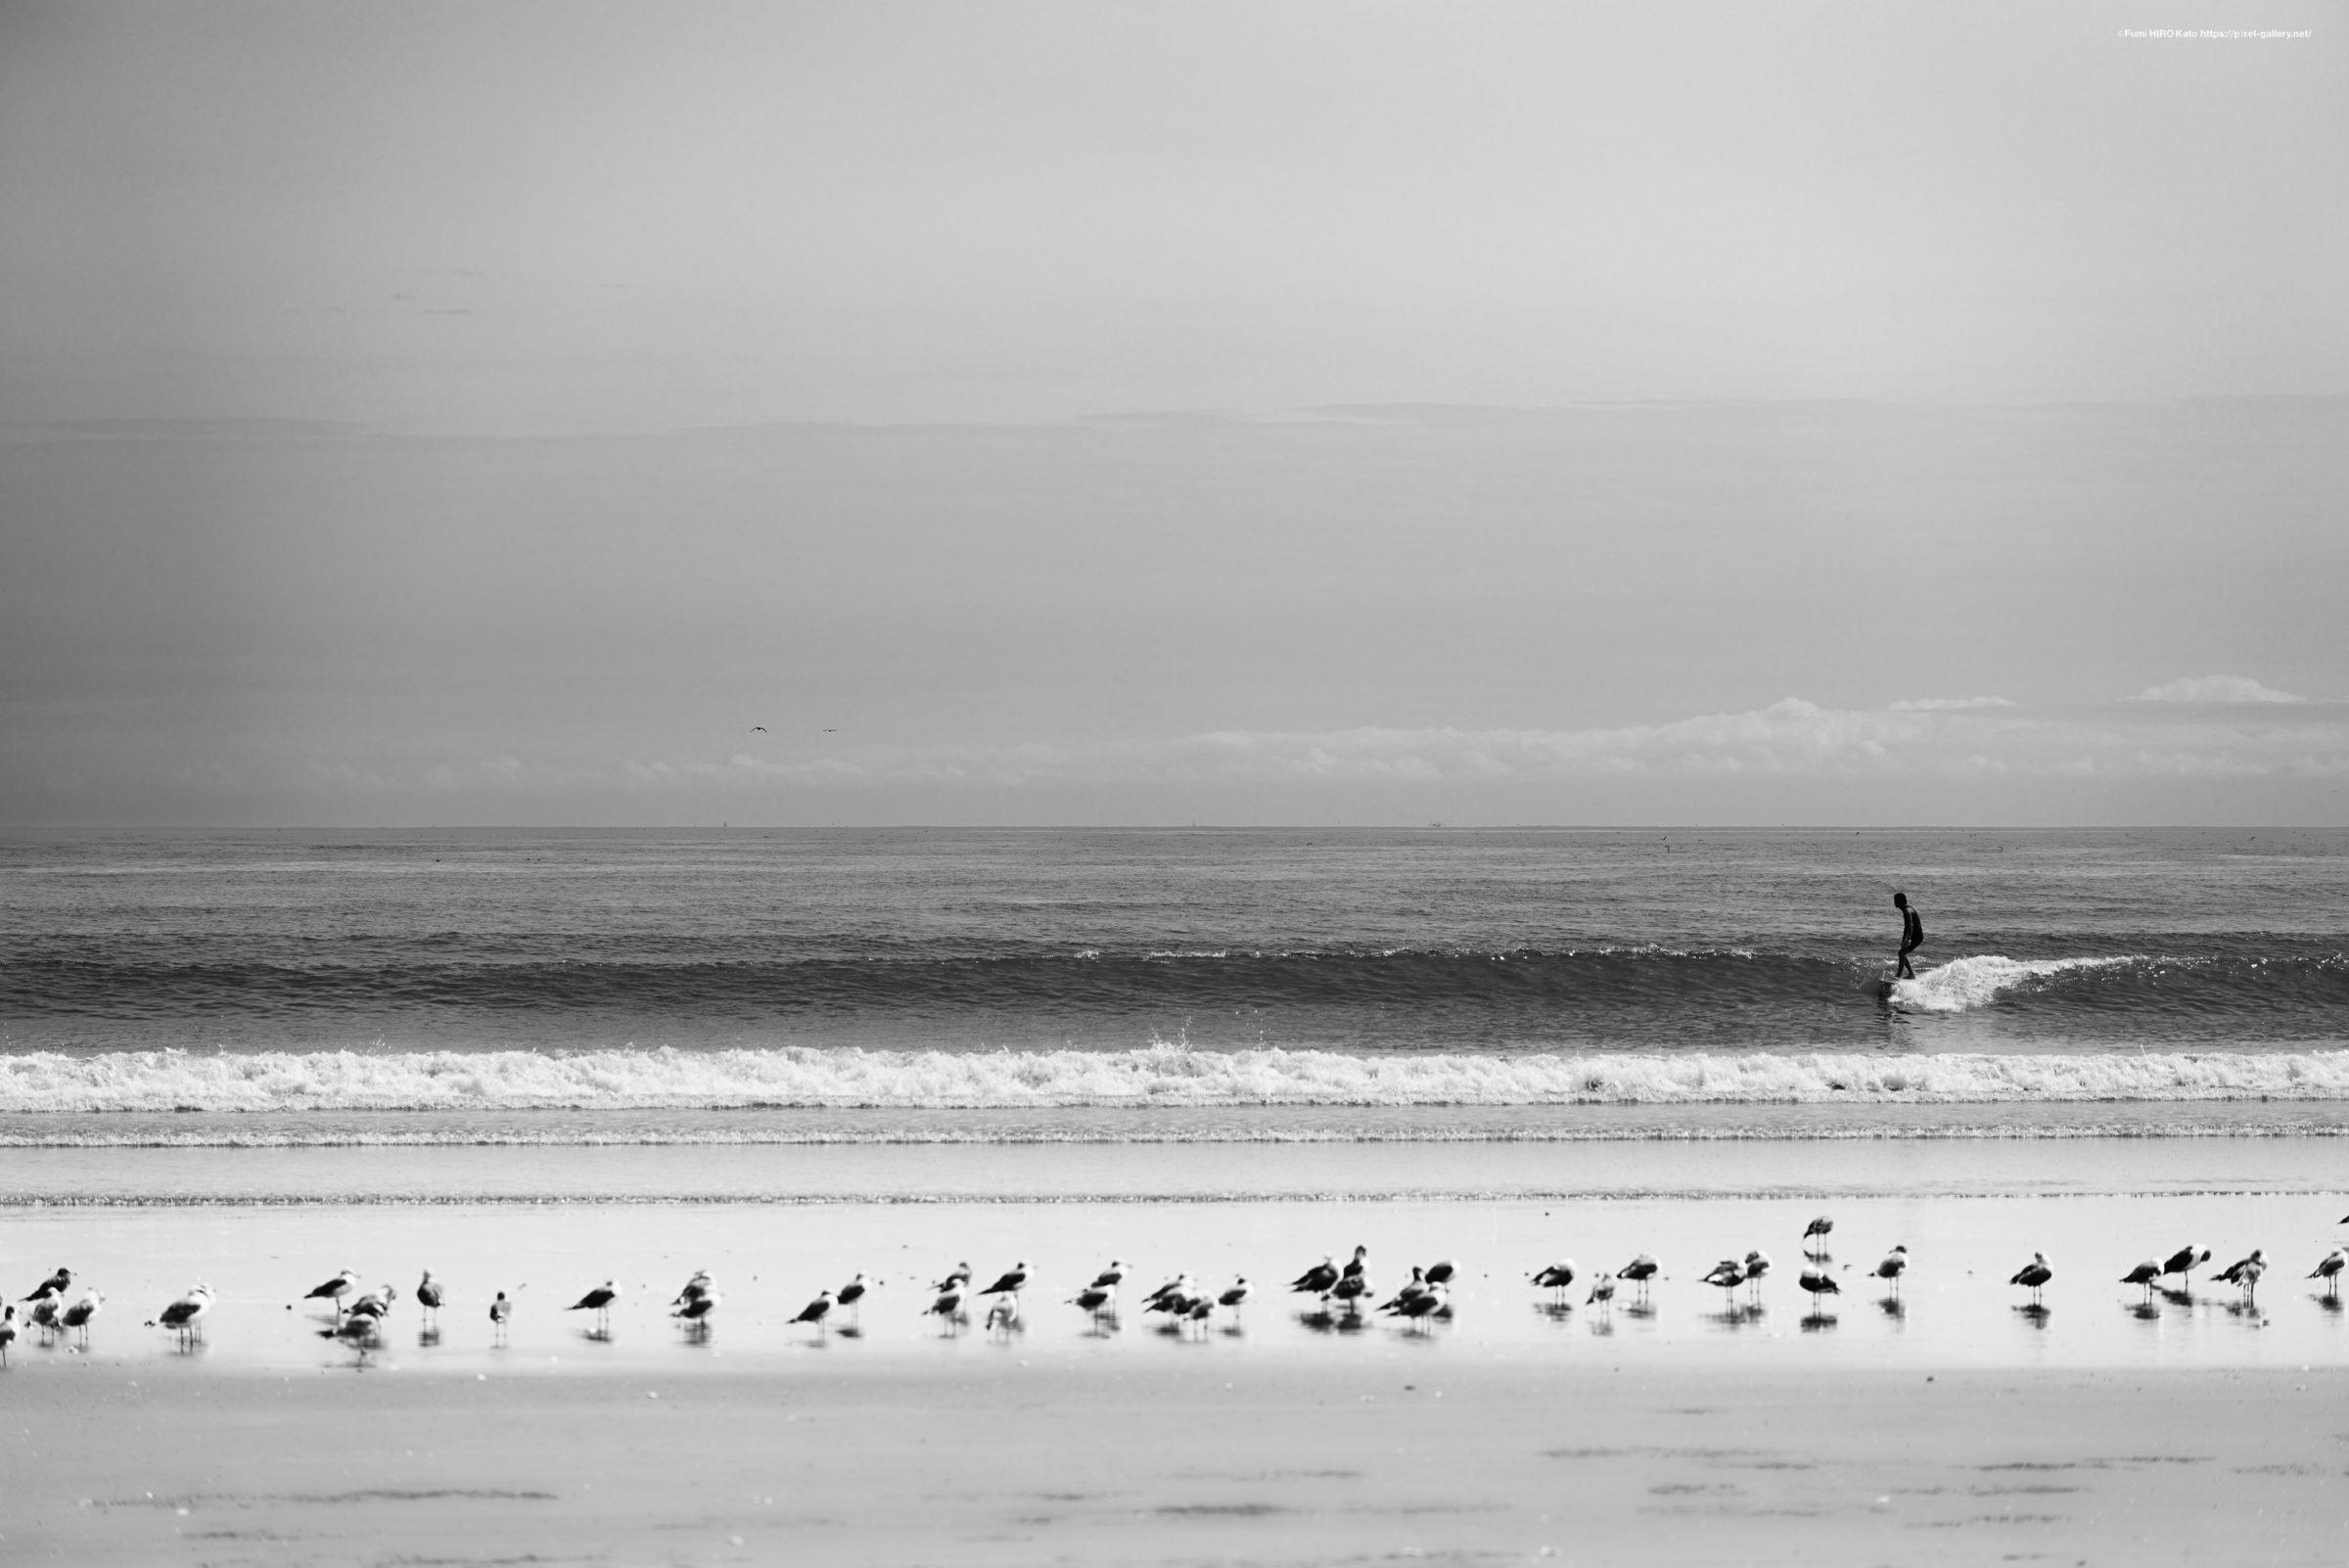 海景 20-017 Beach Break 2